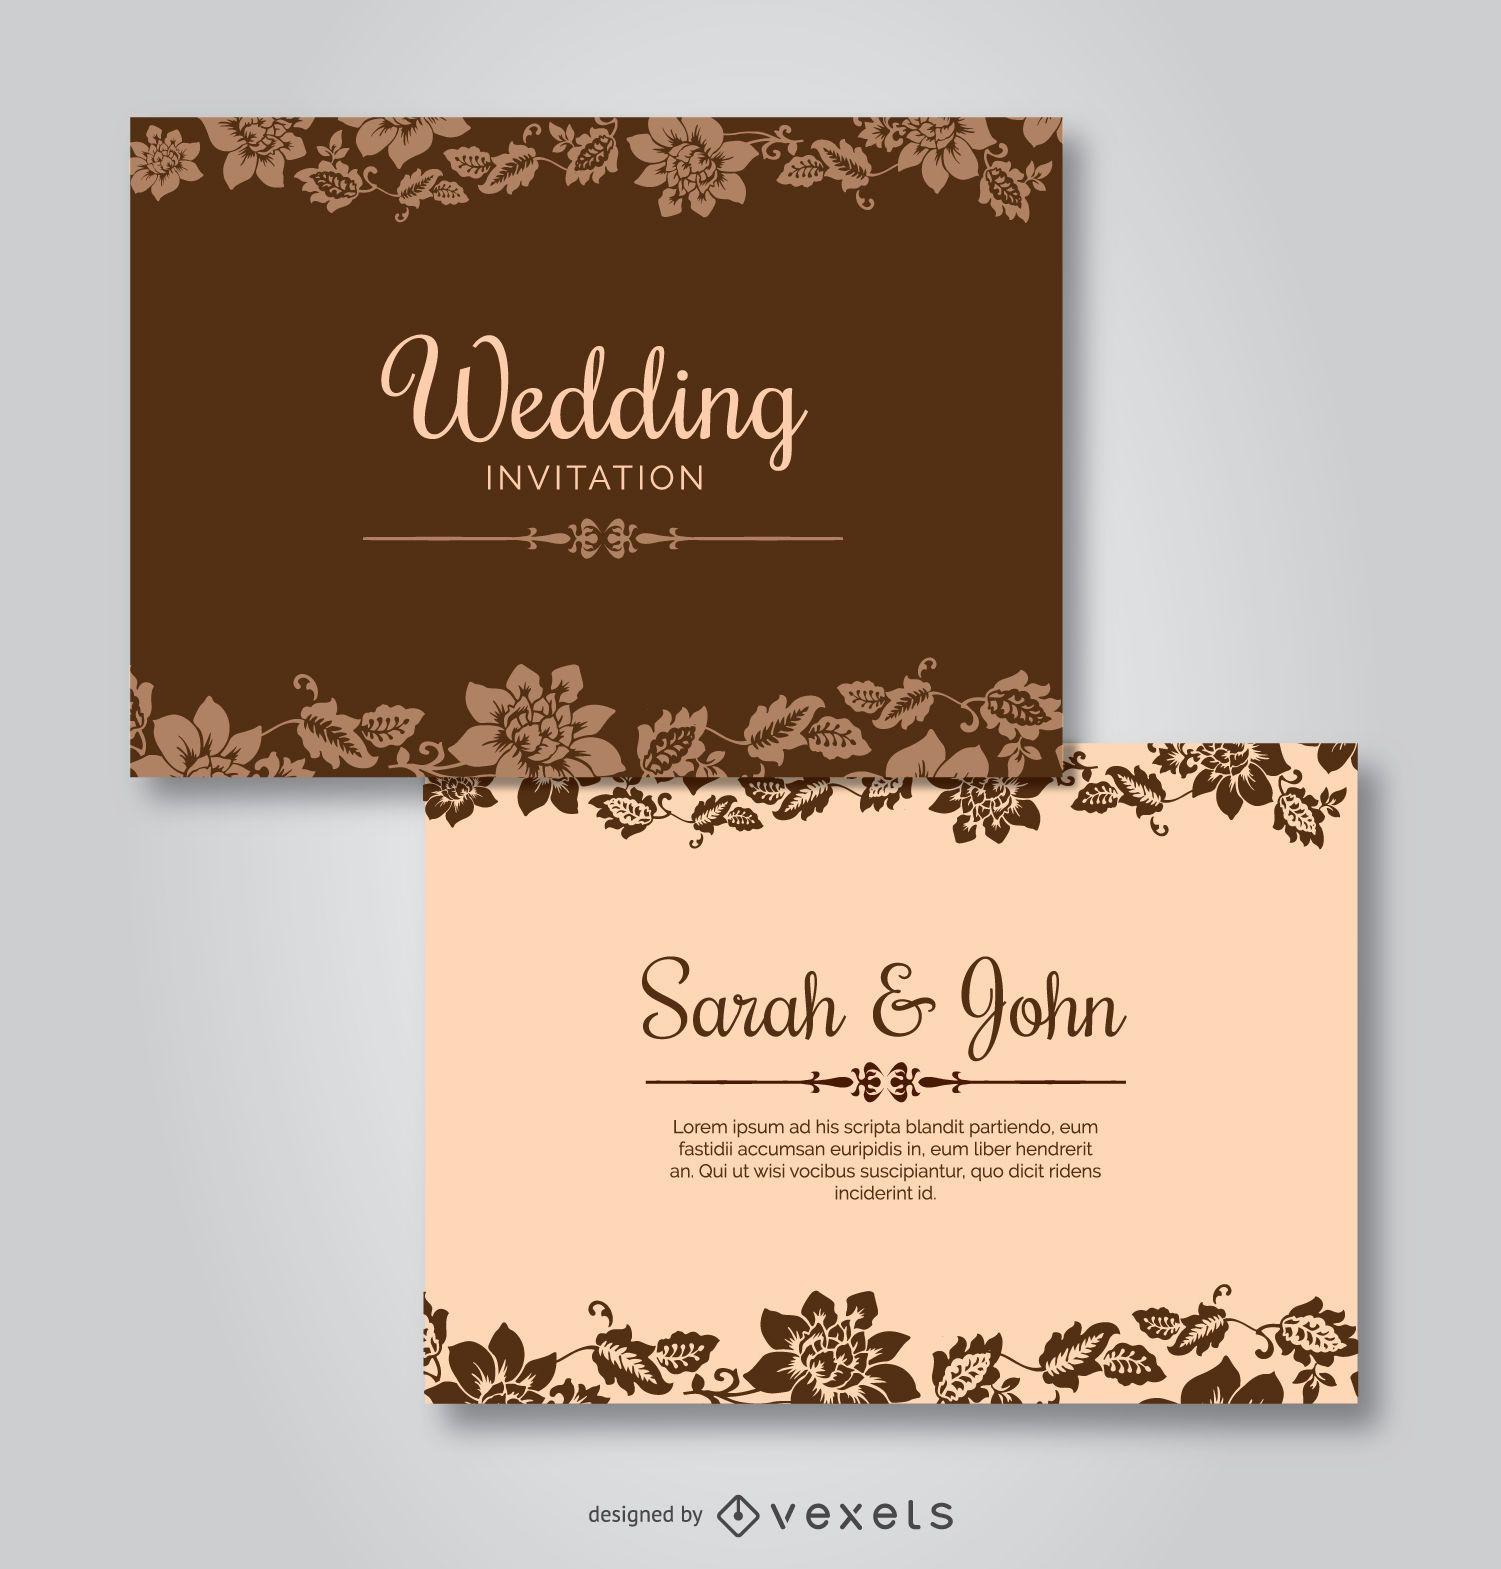 Invitaciones de boda floral Plantilla - Descargar vector - invitaciones de boda gratis